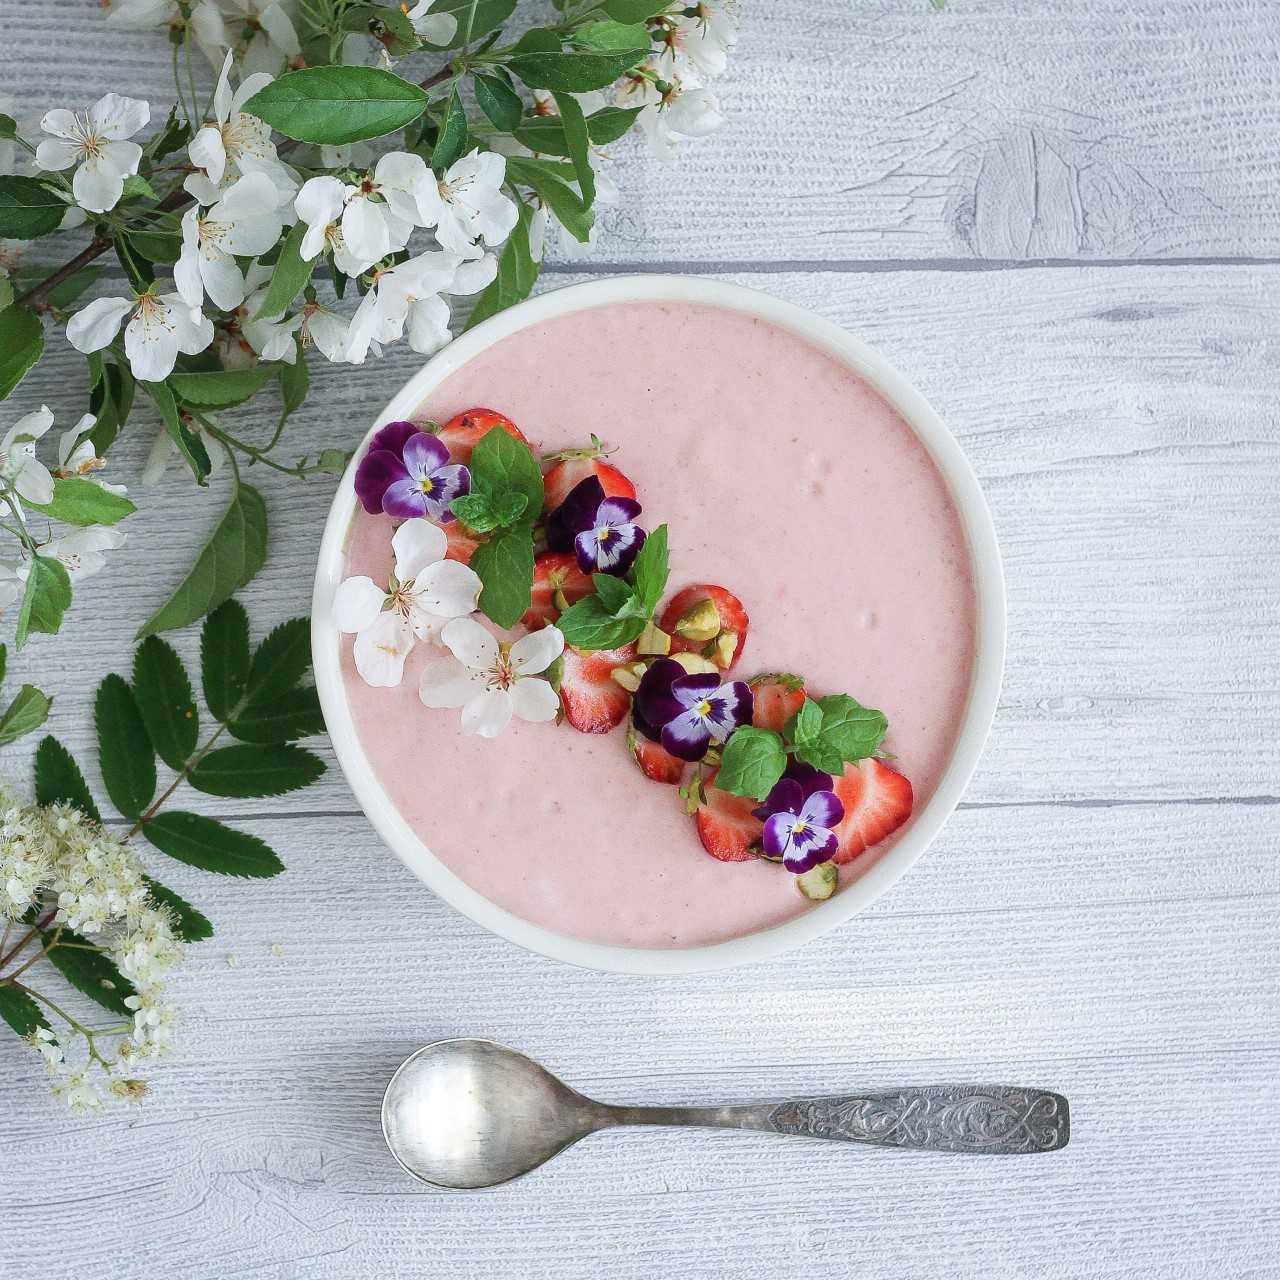 Terveellinen resepti Parantava ruoka Terveysopisto Salus